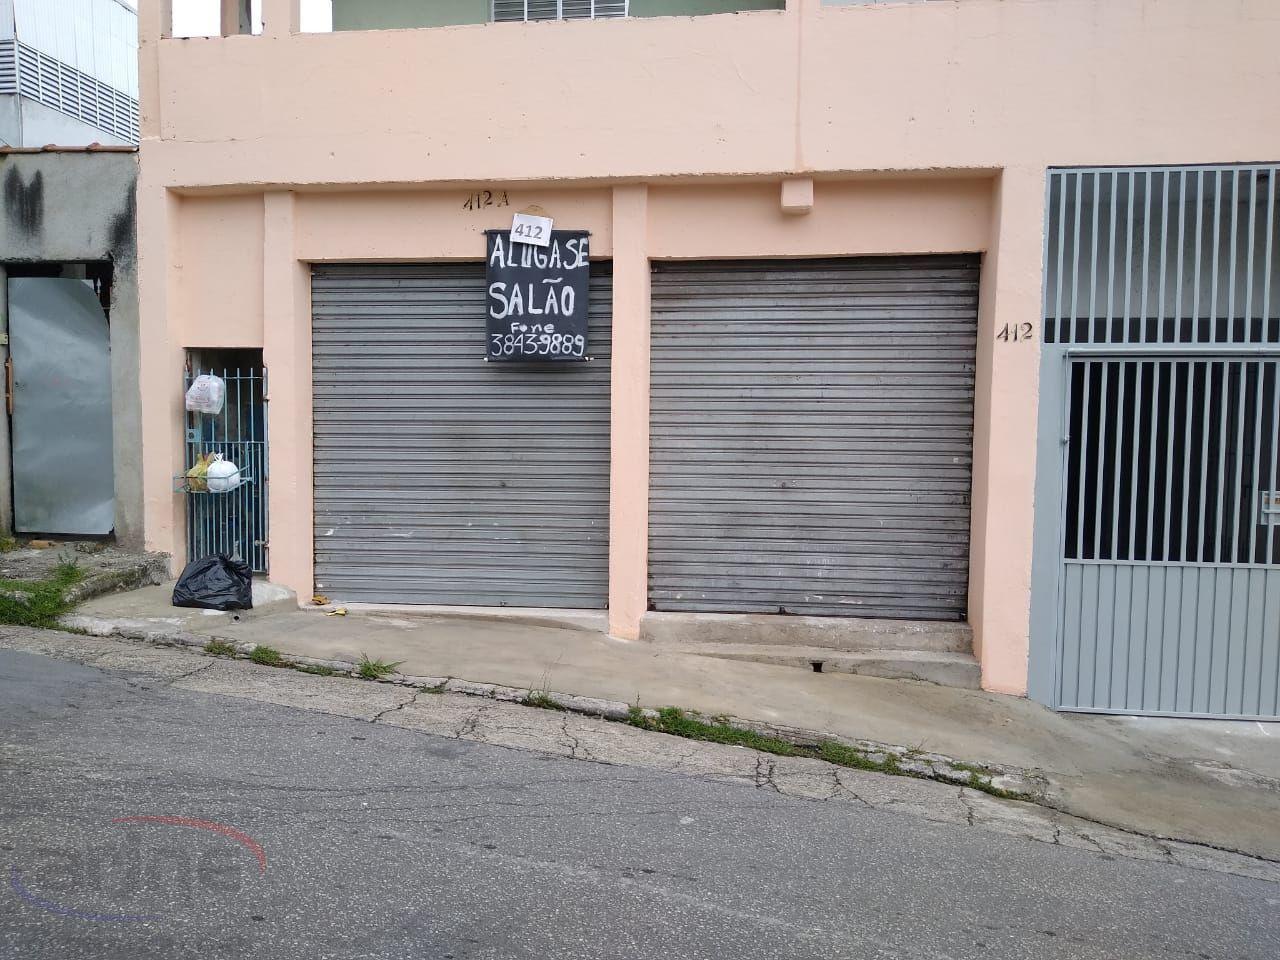 Ponto comercial para alugar  no Vila Nossa Senhora das Vitórias - Mauá, SP. Imóveis